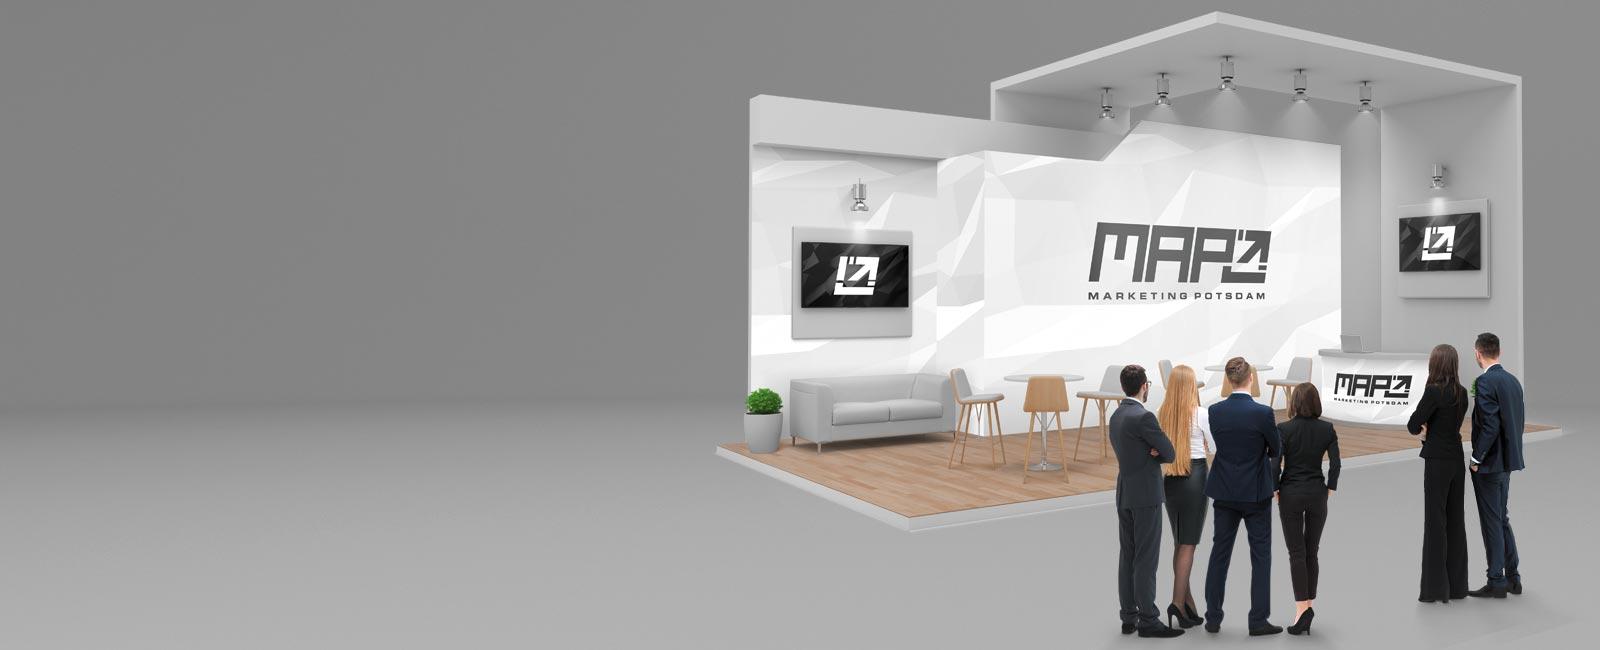 Werbeagentur MAPO-Marketing Potsdam, Kunden und Unternehmen, für die wir arbeiten durften